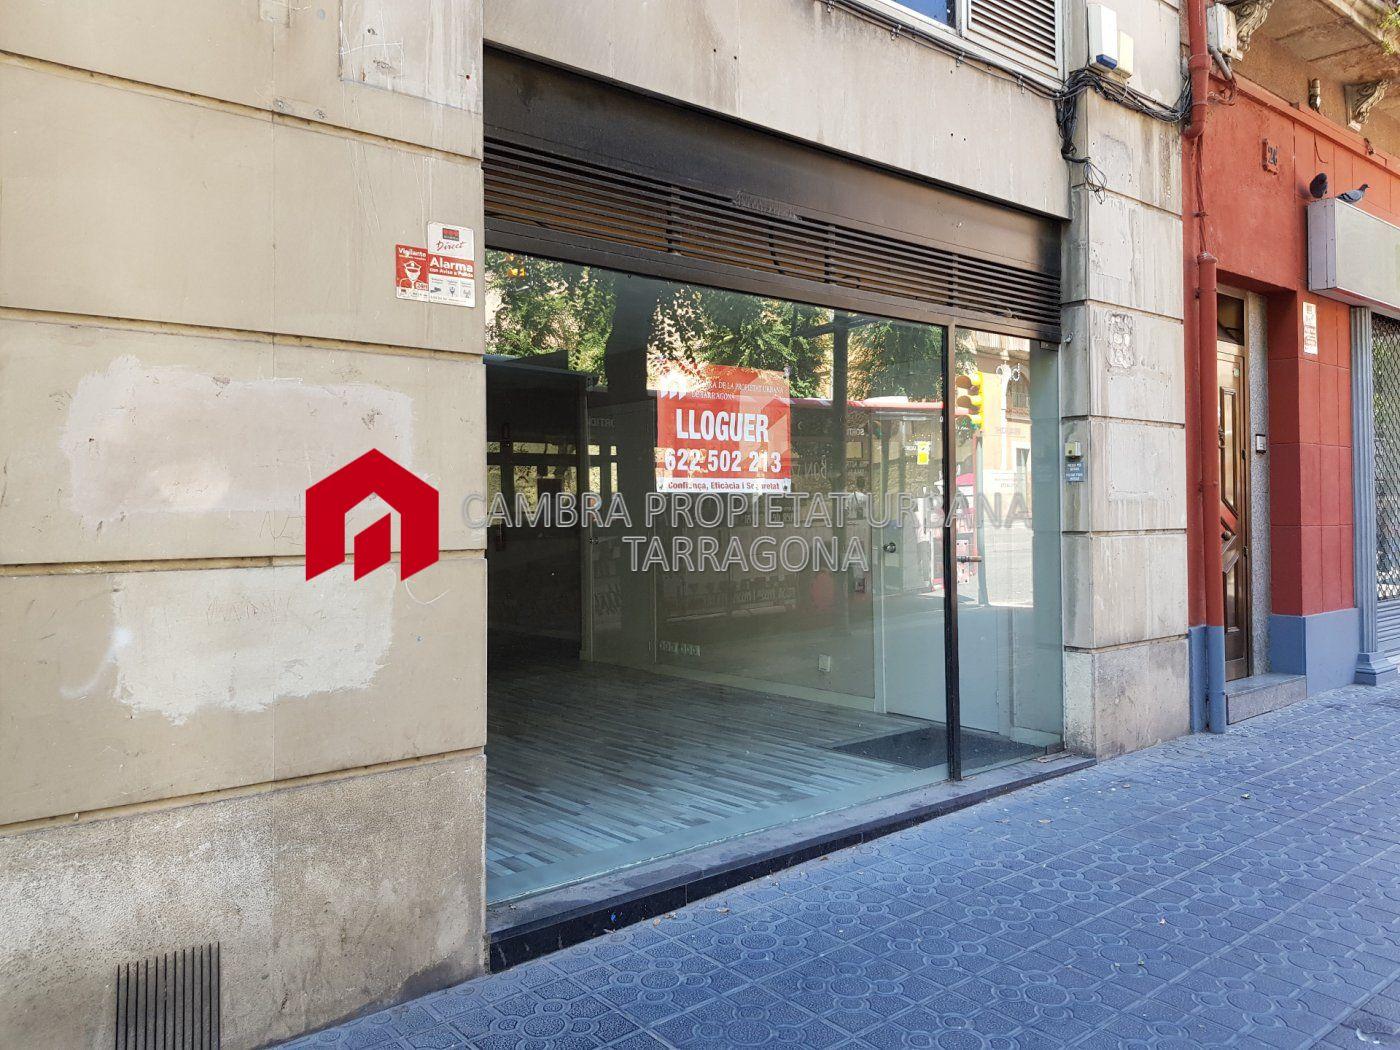 local-comercial en tarragona · centro 0€